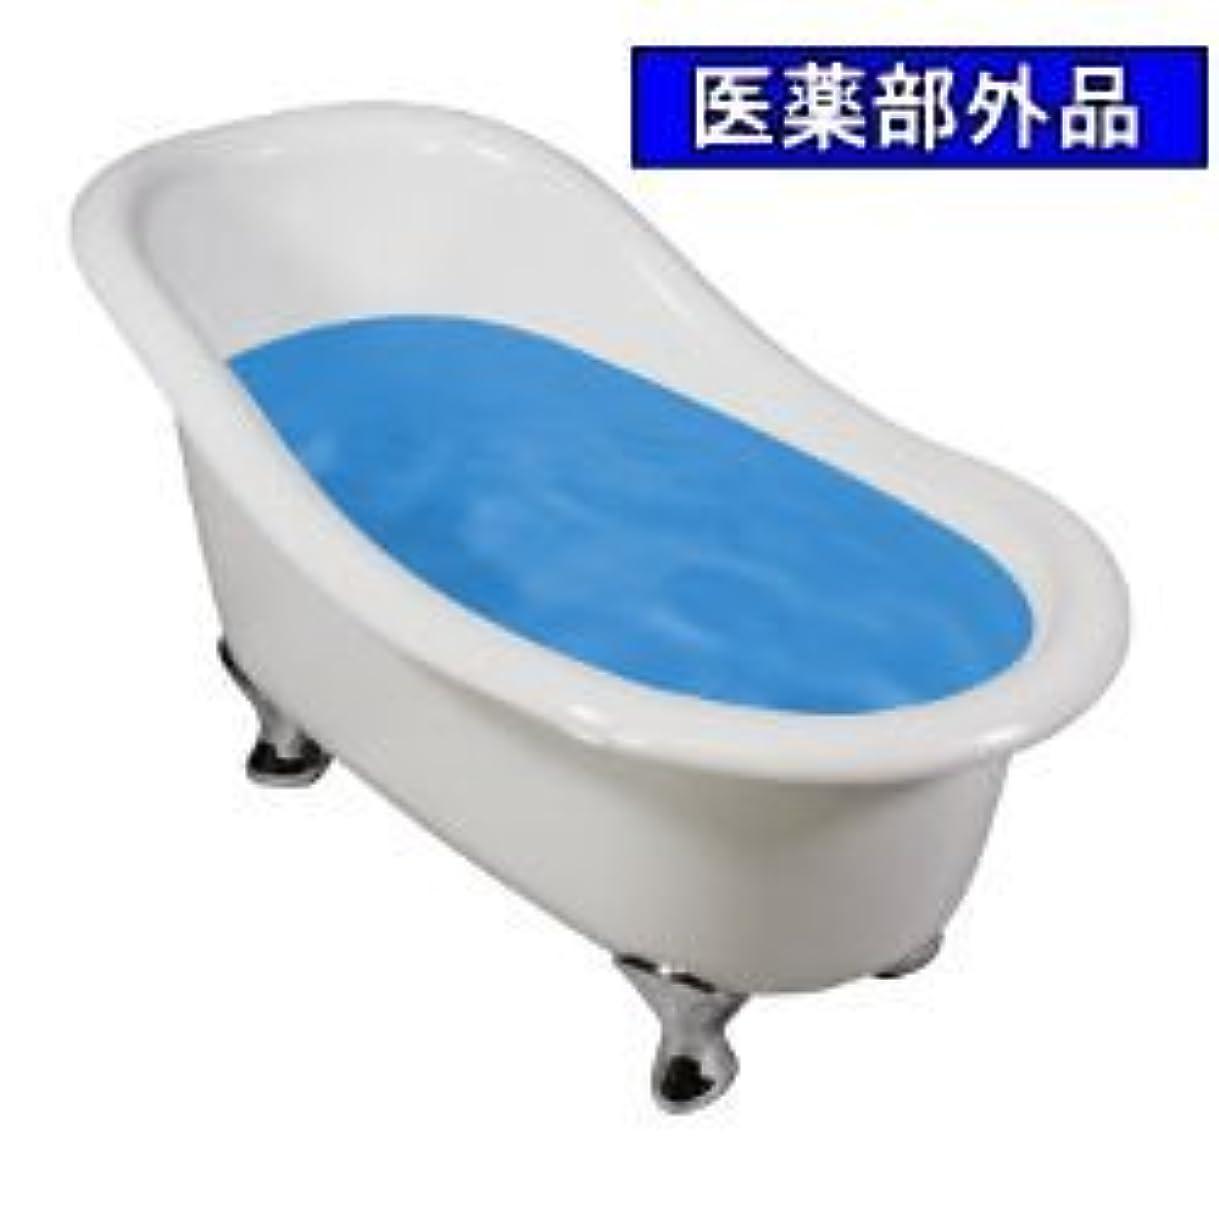 リングゆるいステレオ業務用薬用入浴剤バスフレンド スカイミント 17kg 医薬部外品